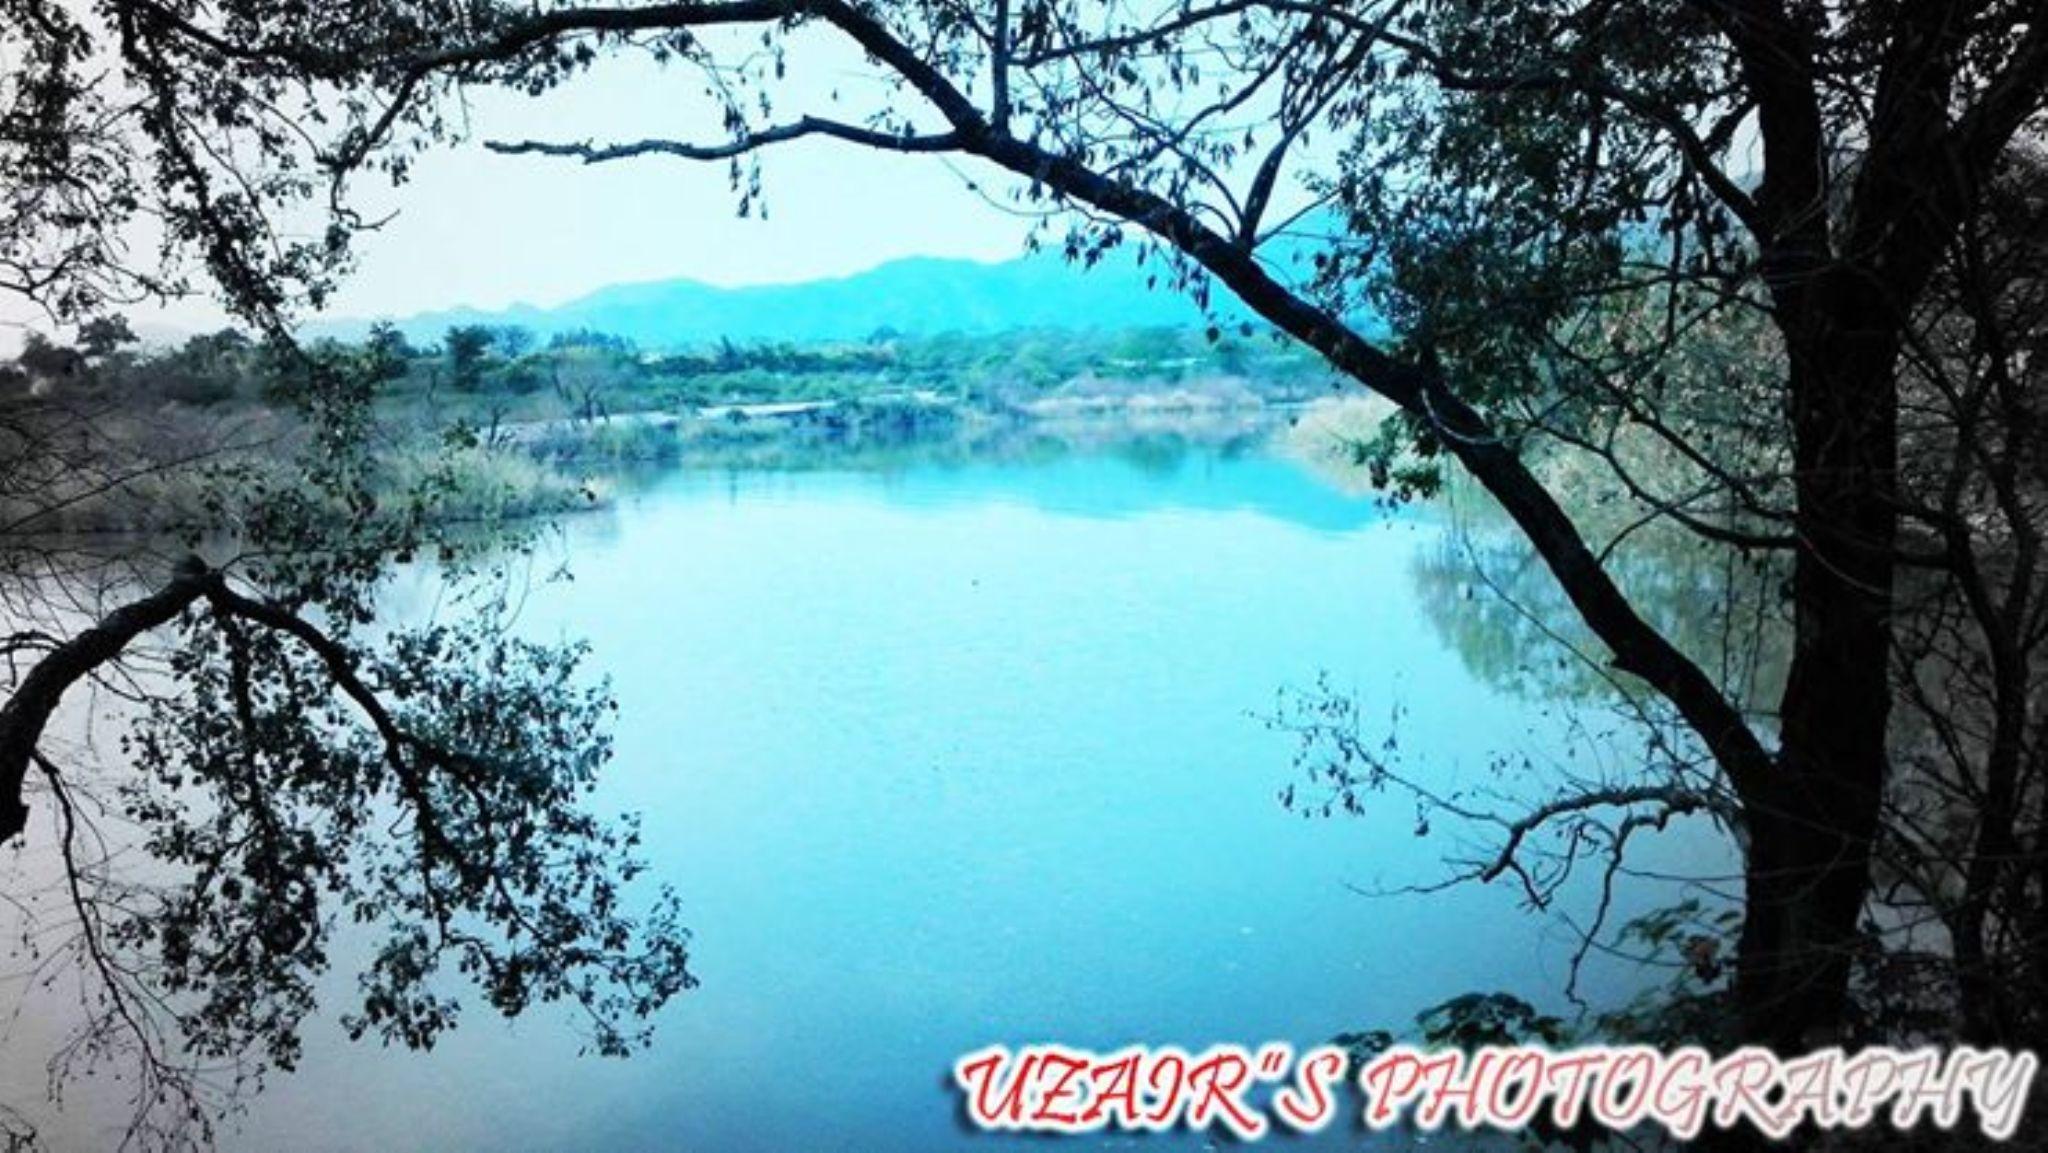 Lake view Park Islamabad by Akhundzada Uzair